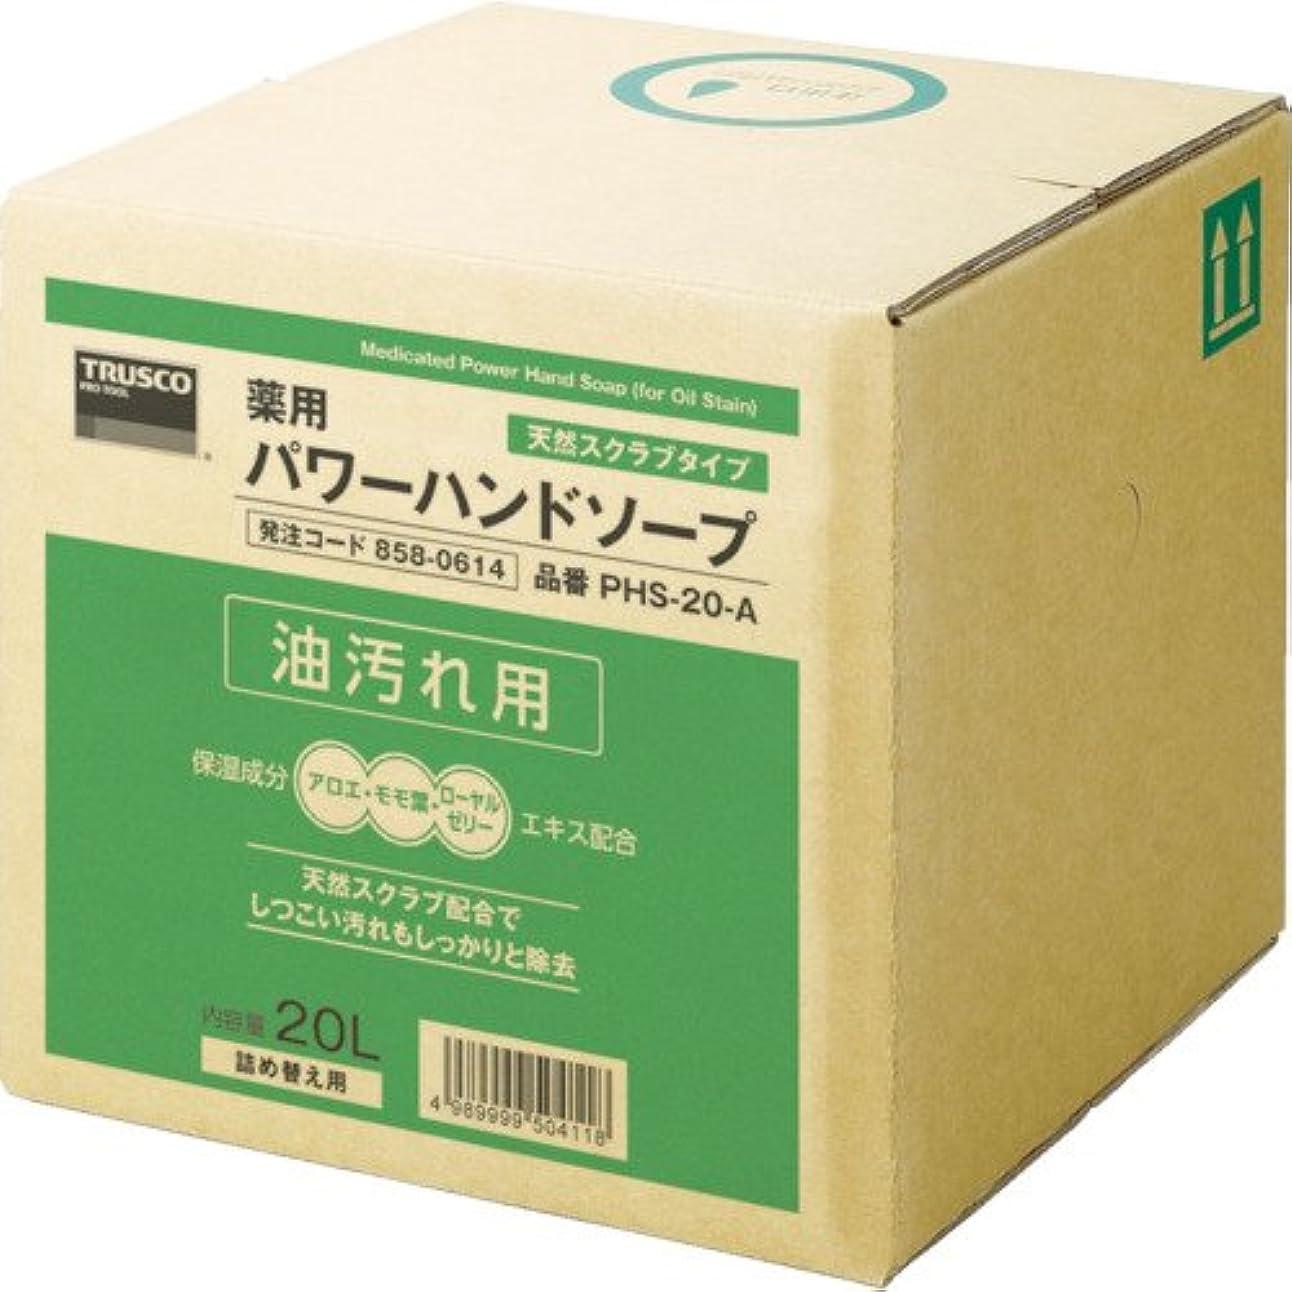 ブレース不忠ネックレットトラスコ中山 株 TRUSCO 薬用パワーハンドソープ 20L PHS-20-A